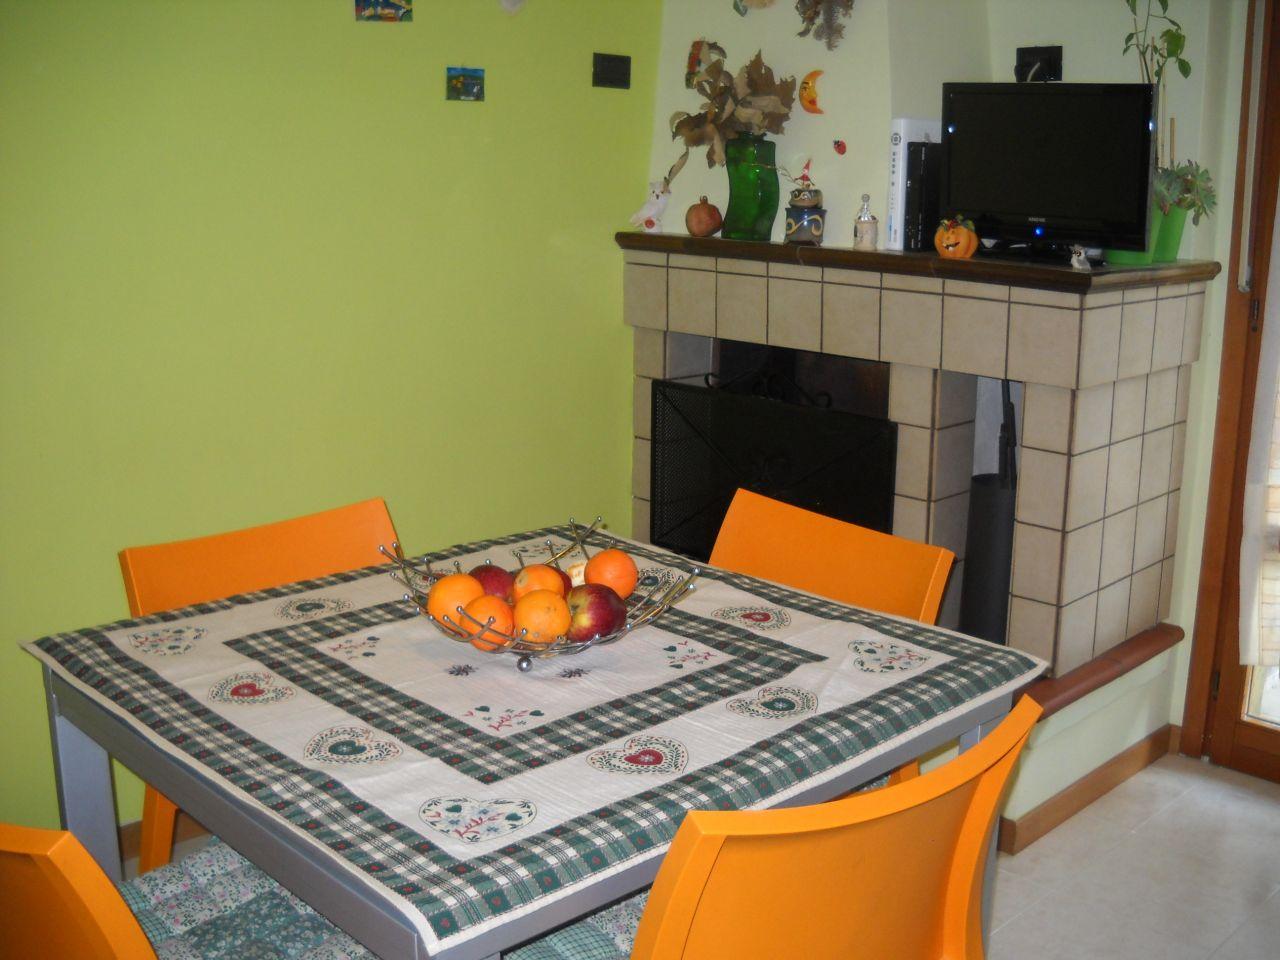 Appartamento in vendita a Ascoli Piceno, 6 locali, zona Località: P.taRomana, prezzo € 200.000 | Cambio Casa.it